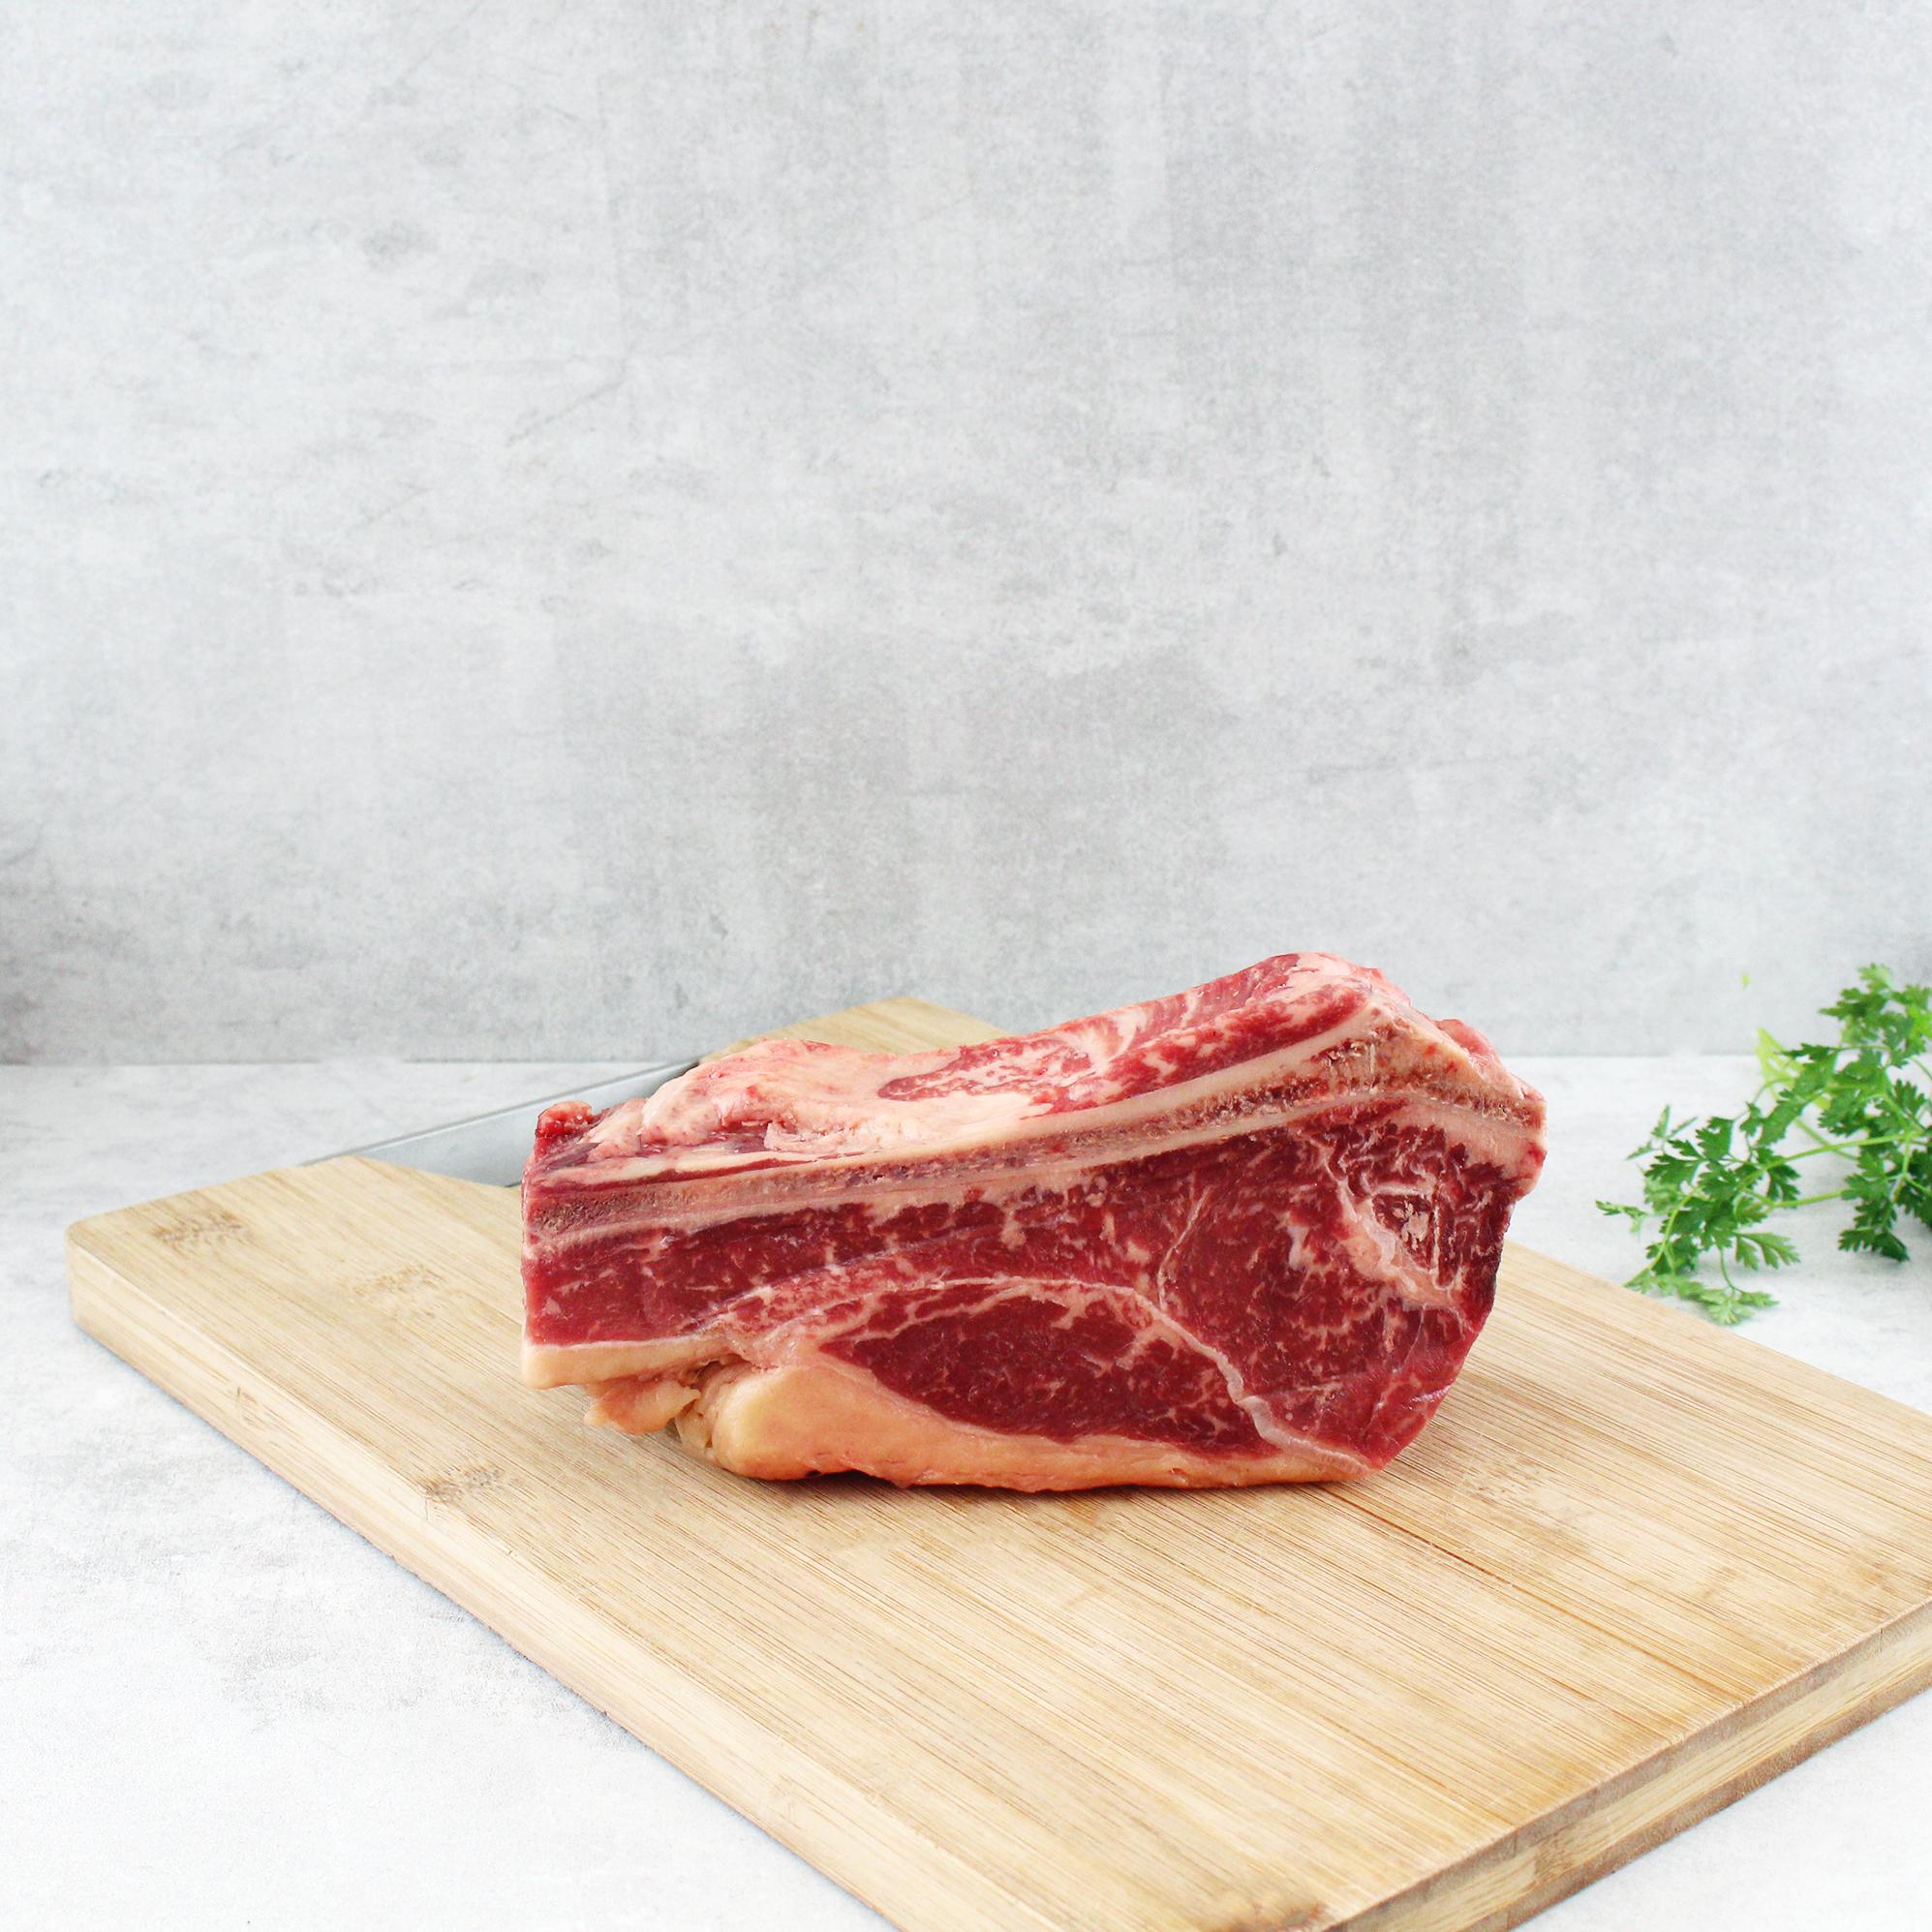 dry-aged-club-steak-d.-ca.-500-600g---stk.-markthalle20-1